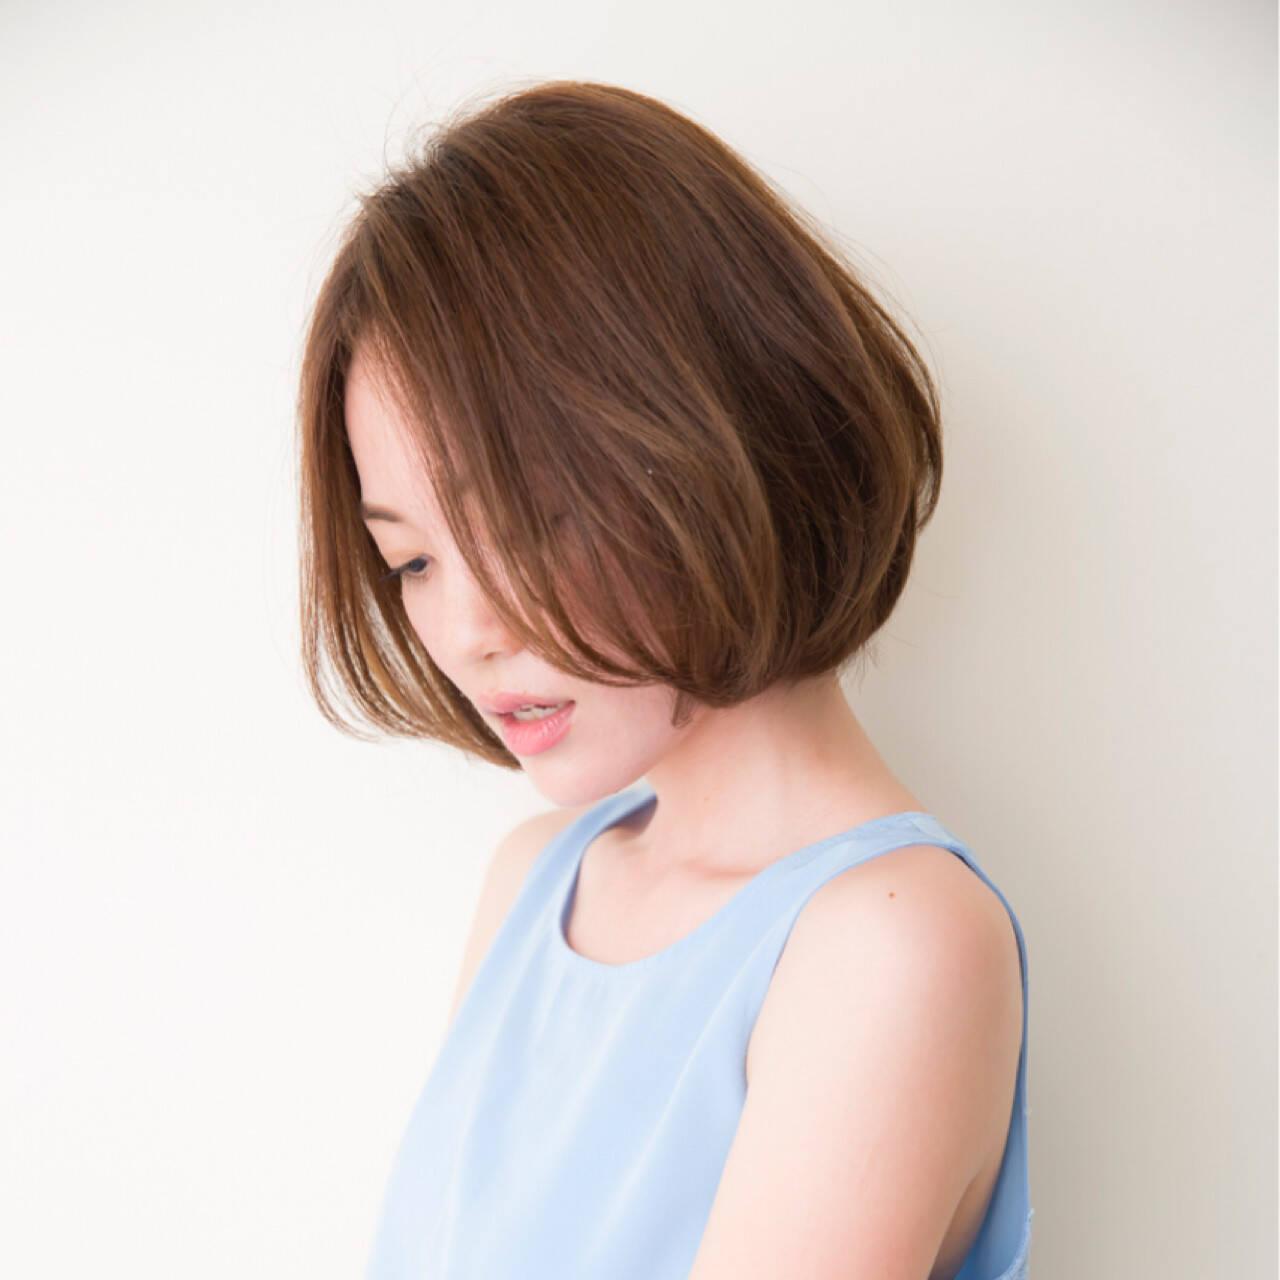 フリンジバング 簡単ヘアアレンジ ボブ パーマヘアスタイルや髪型の写真・画像